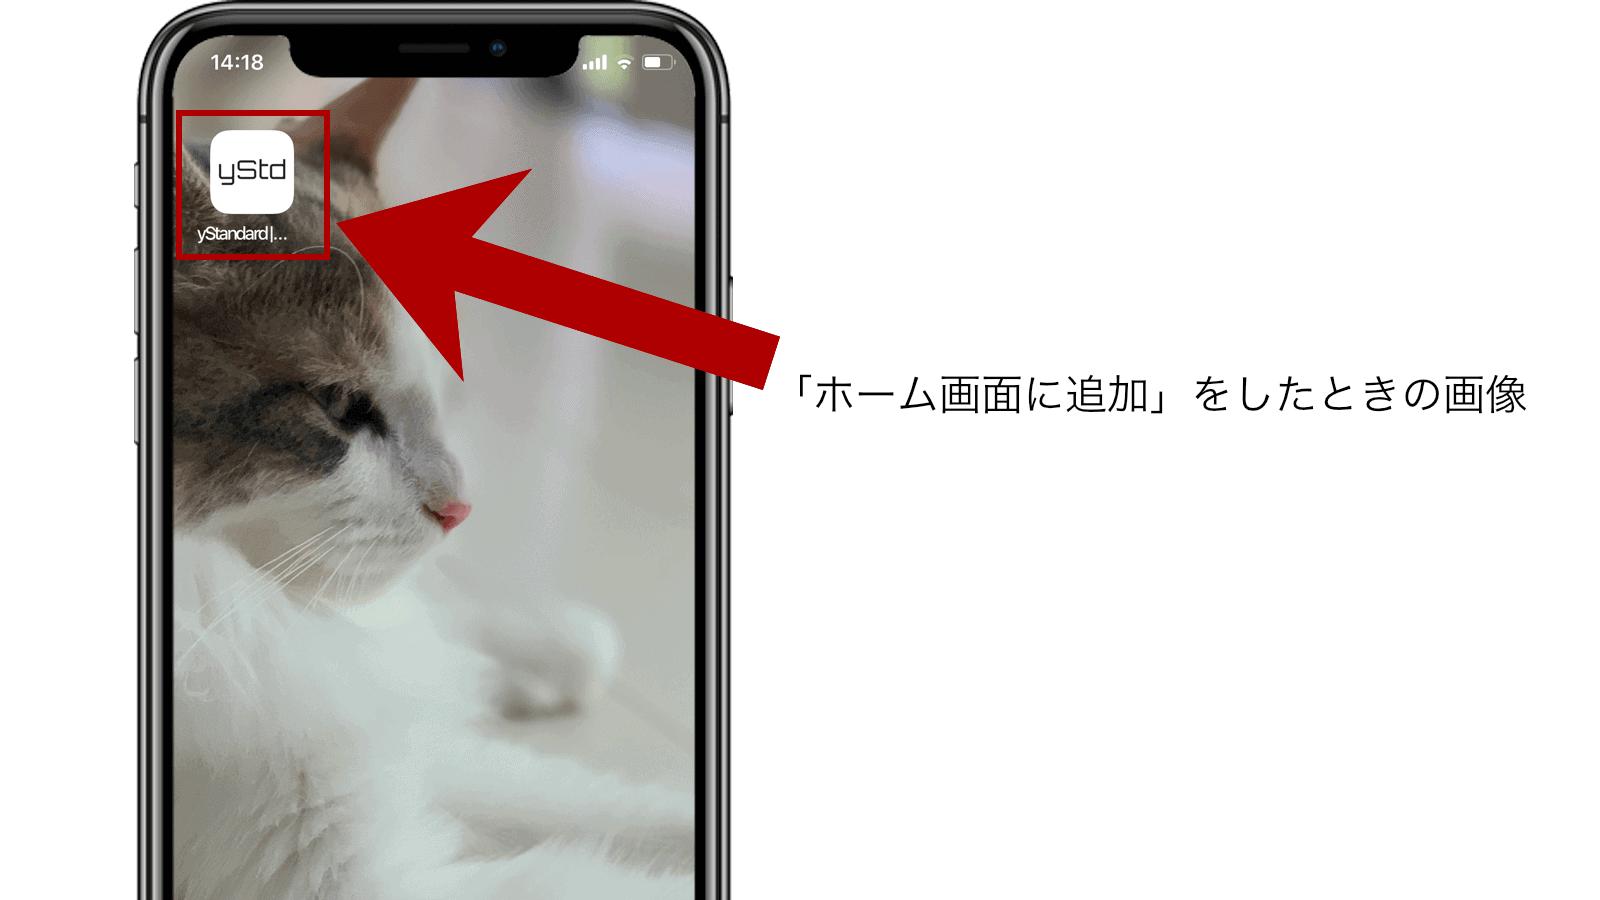 iPhoneなどのホーム画面に追加した時の画像設定